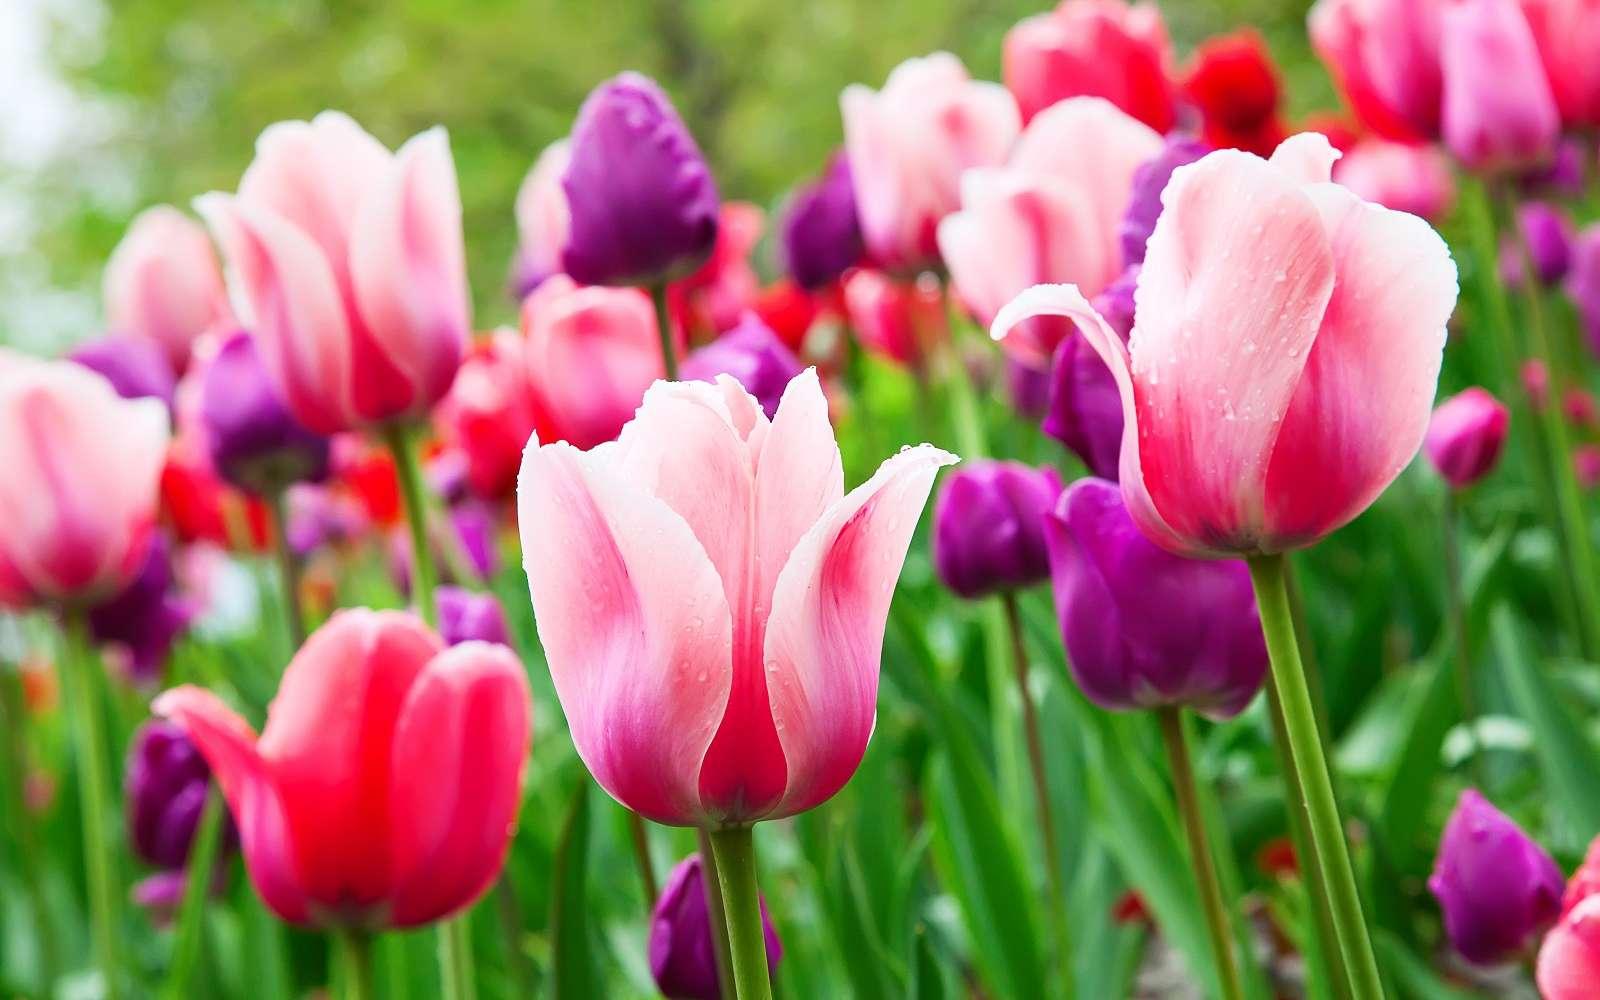 Magnifiques floraisons de tulipes. © swisshippo, Adobe Stock